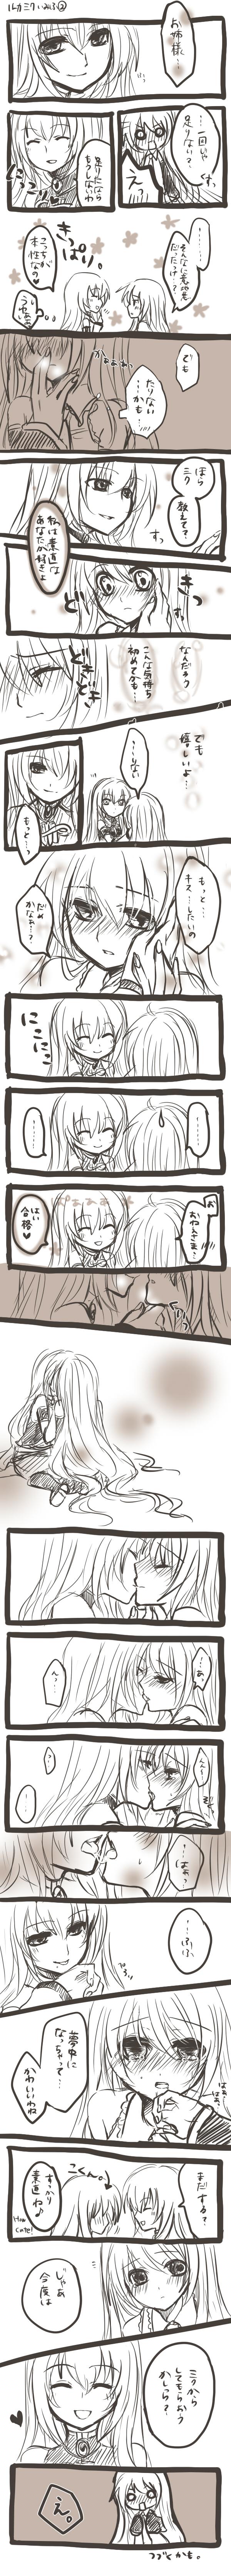 hatsune miku and megurine luka (vocaloid) drawn by yayoi (egoistic realism)